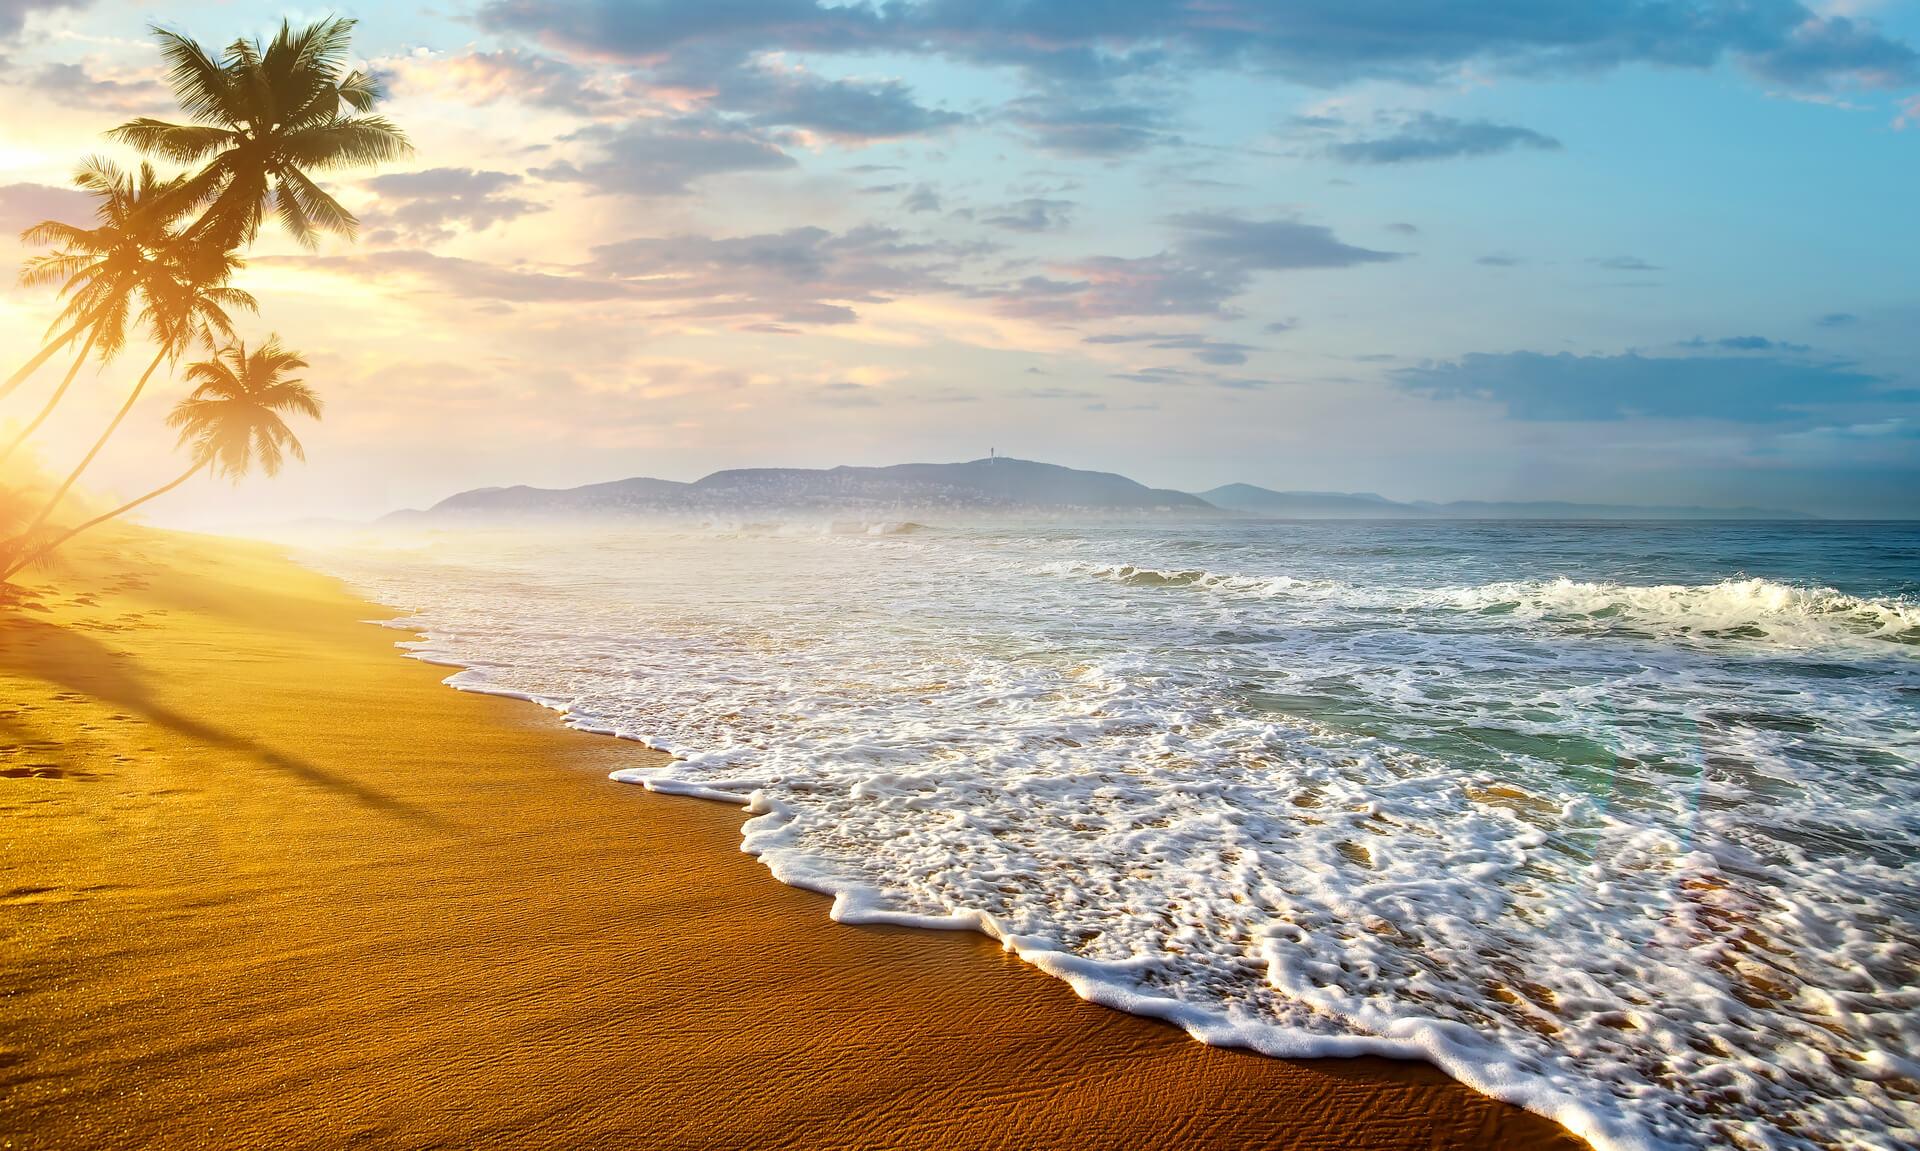 Ocean in Sri Lanka